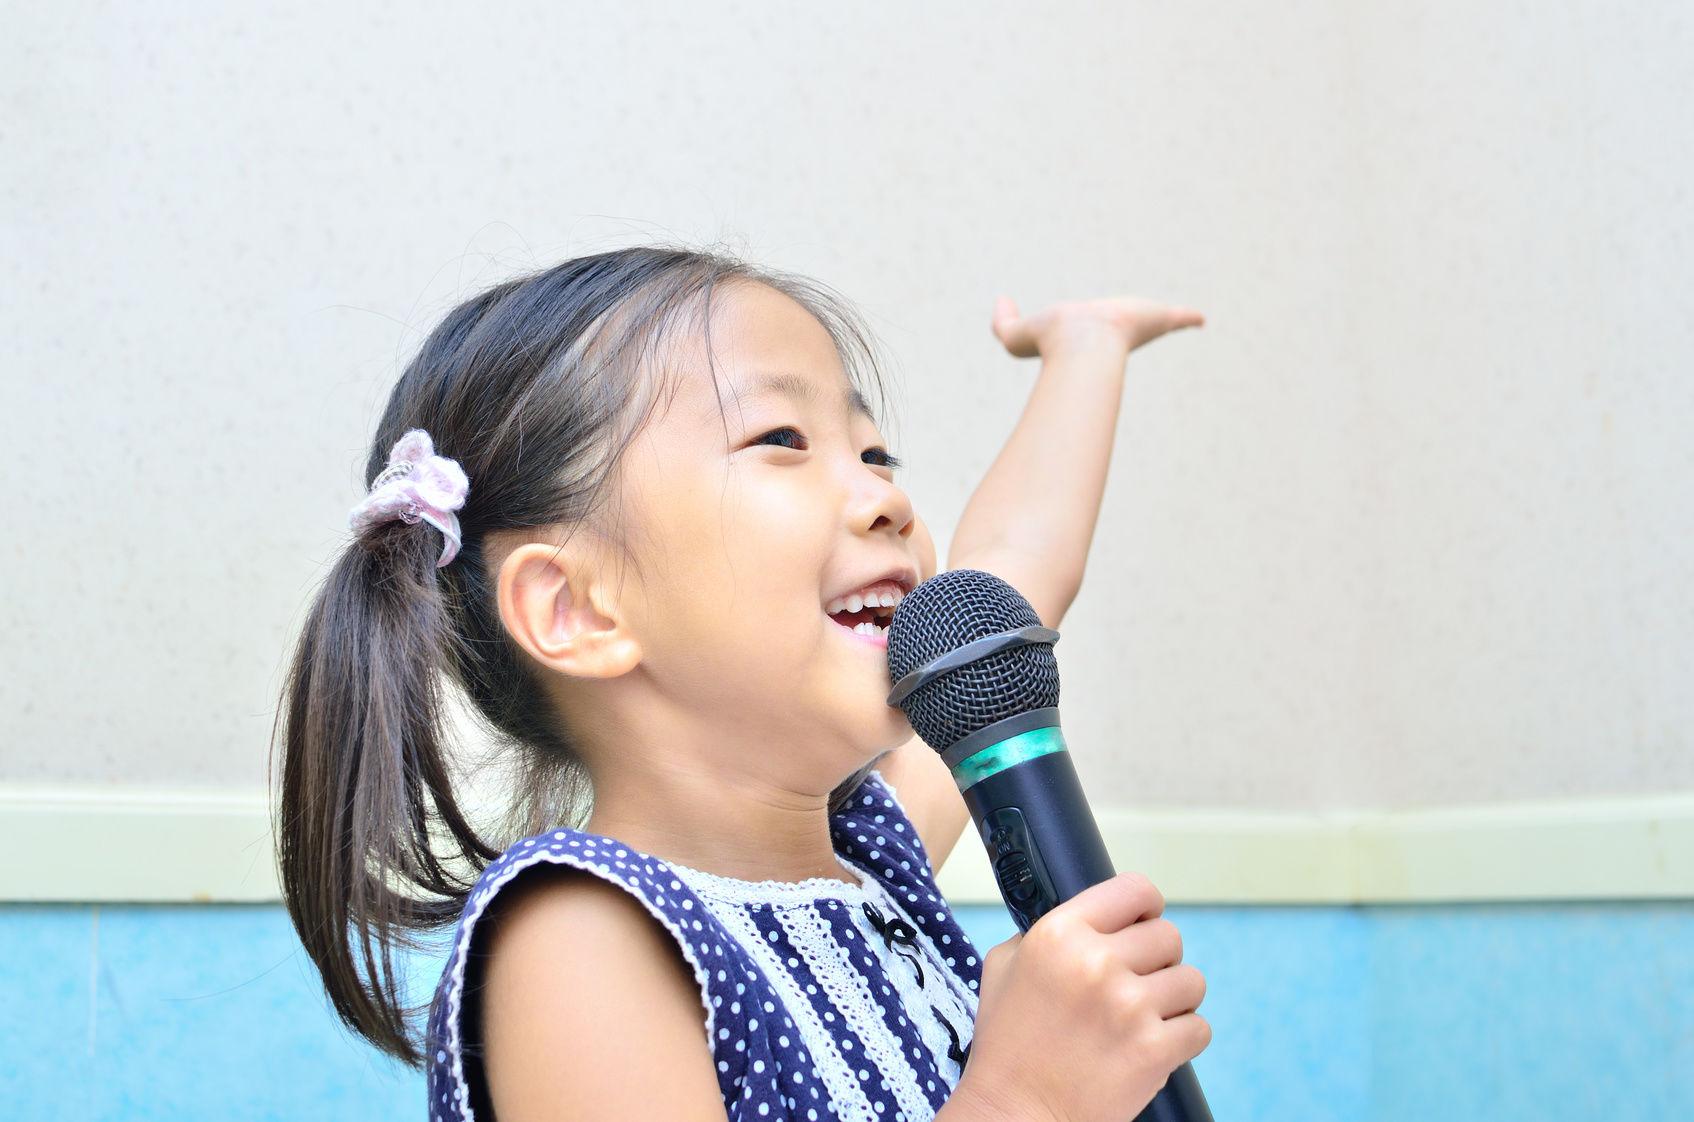 マイクで歌う女の子